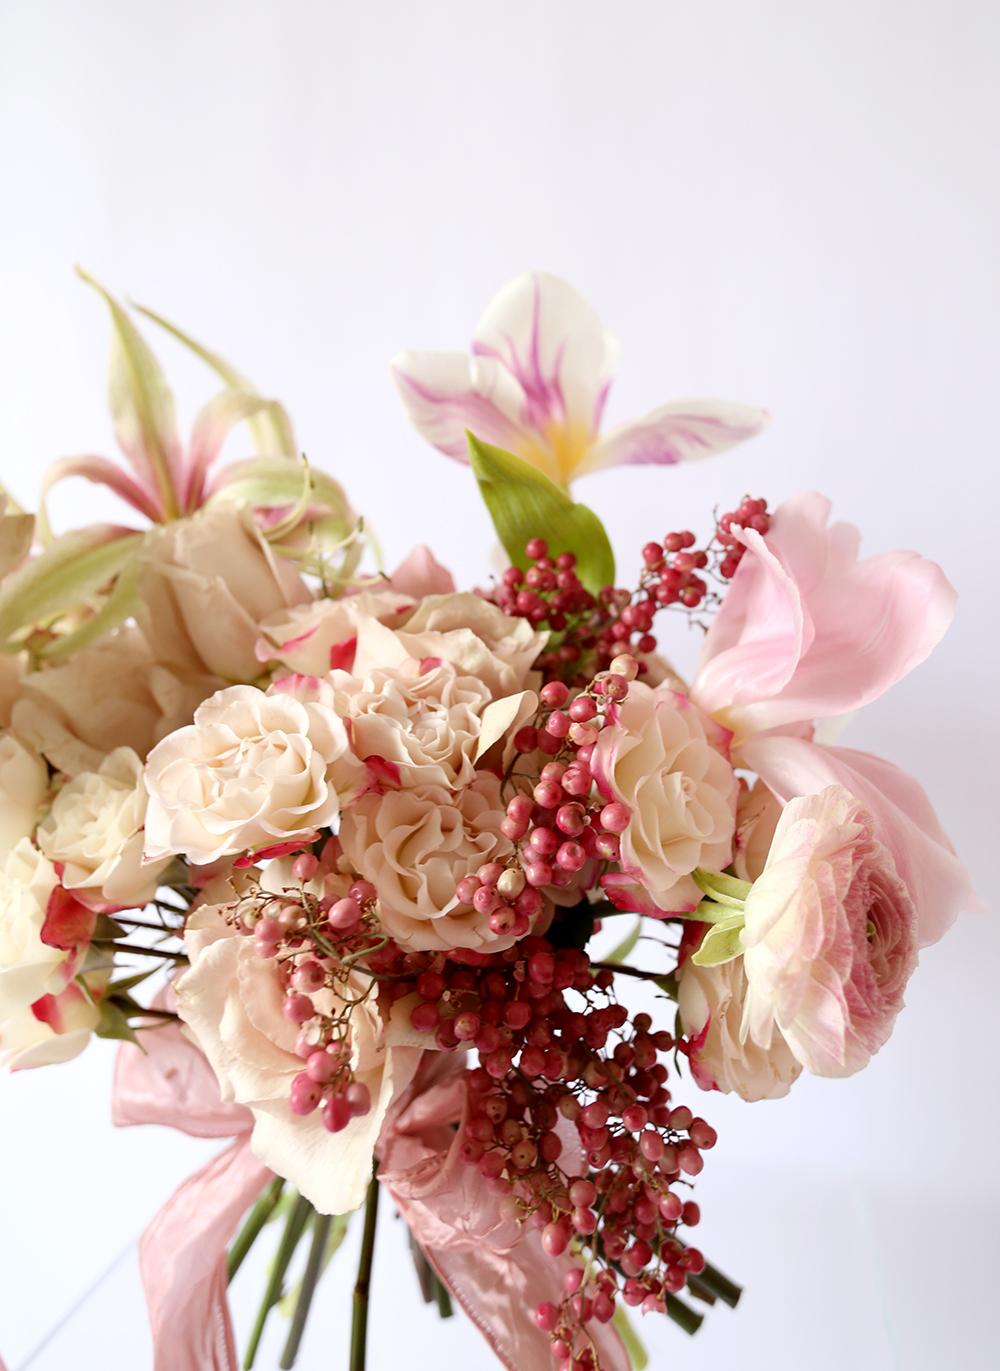 Vervain pink valentines flower bouquet